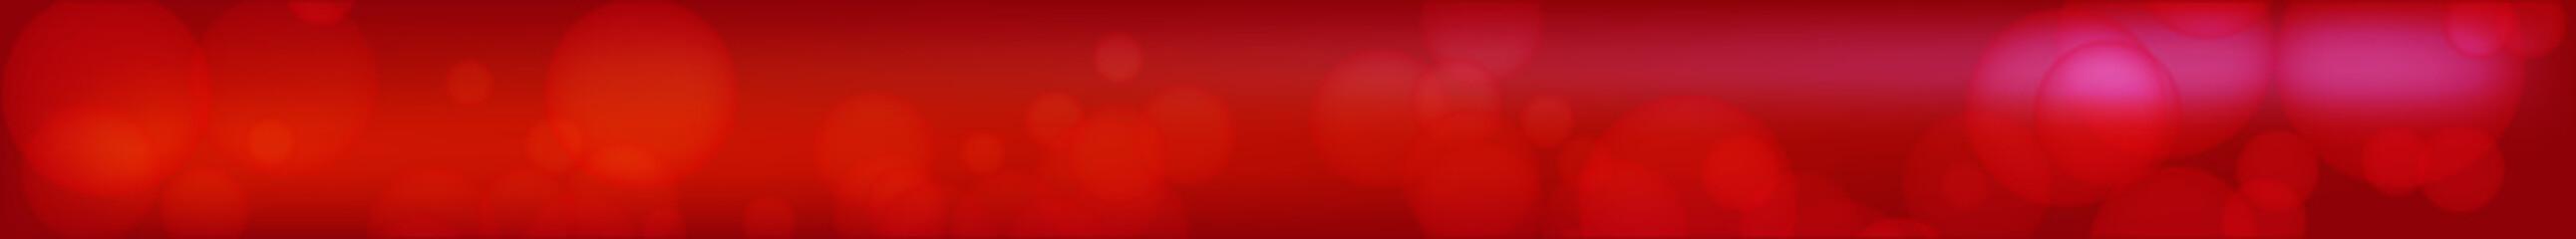 冬の幻想的な背景素材 ビッグバナー(ラージ)